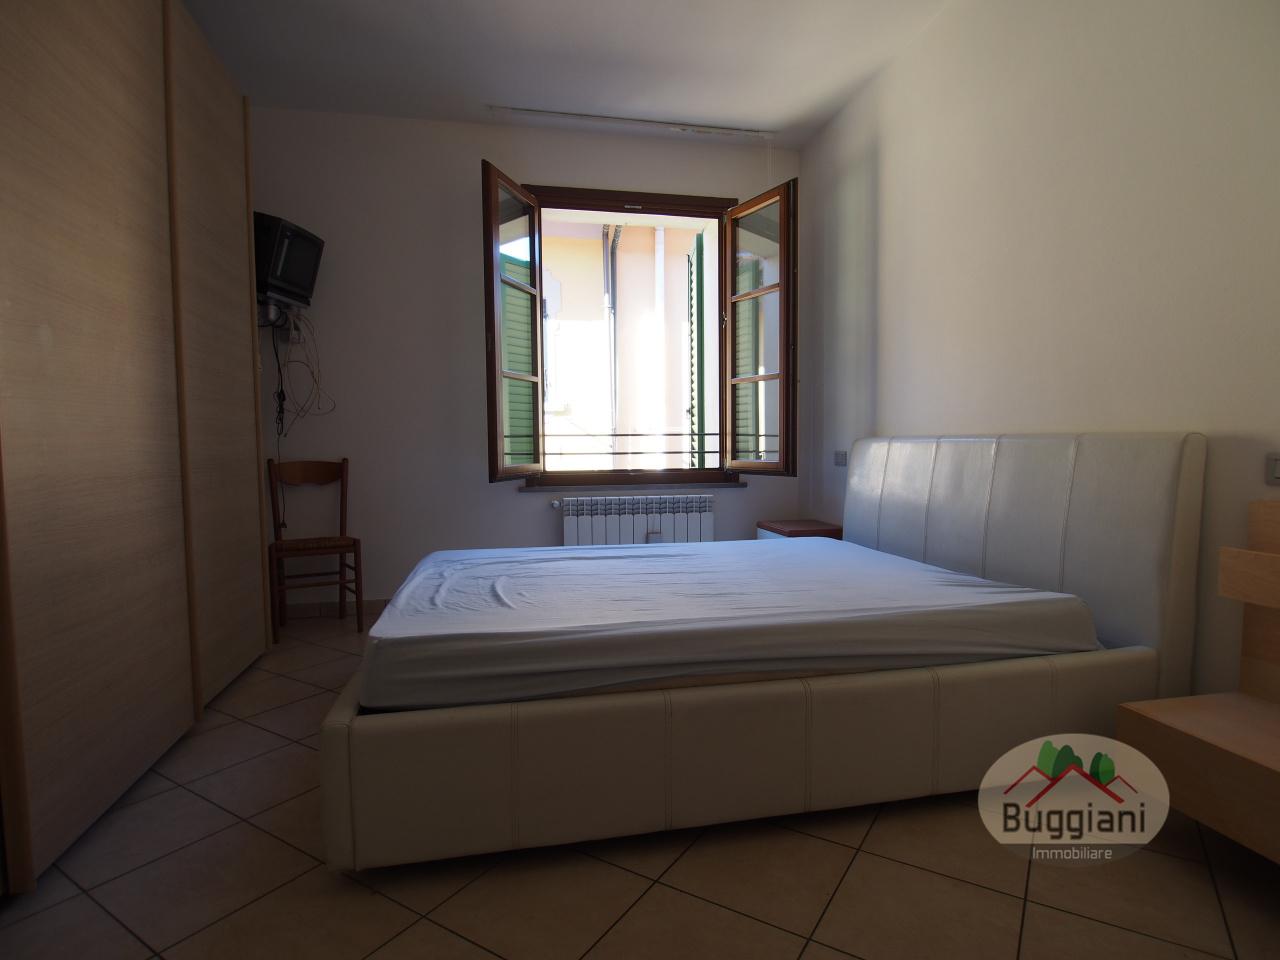 Appartamento in vendita RIF. 1828, Santa Croce sull'Arno (PI)